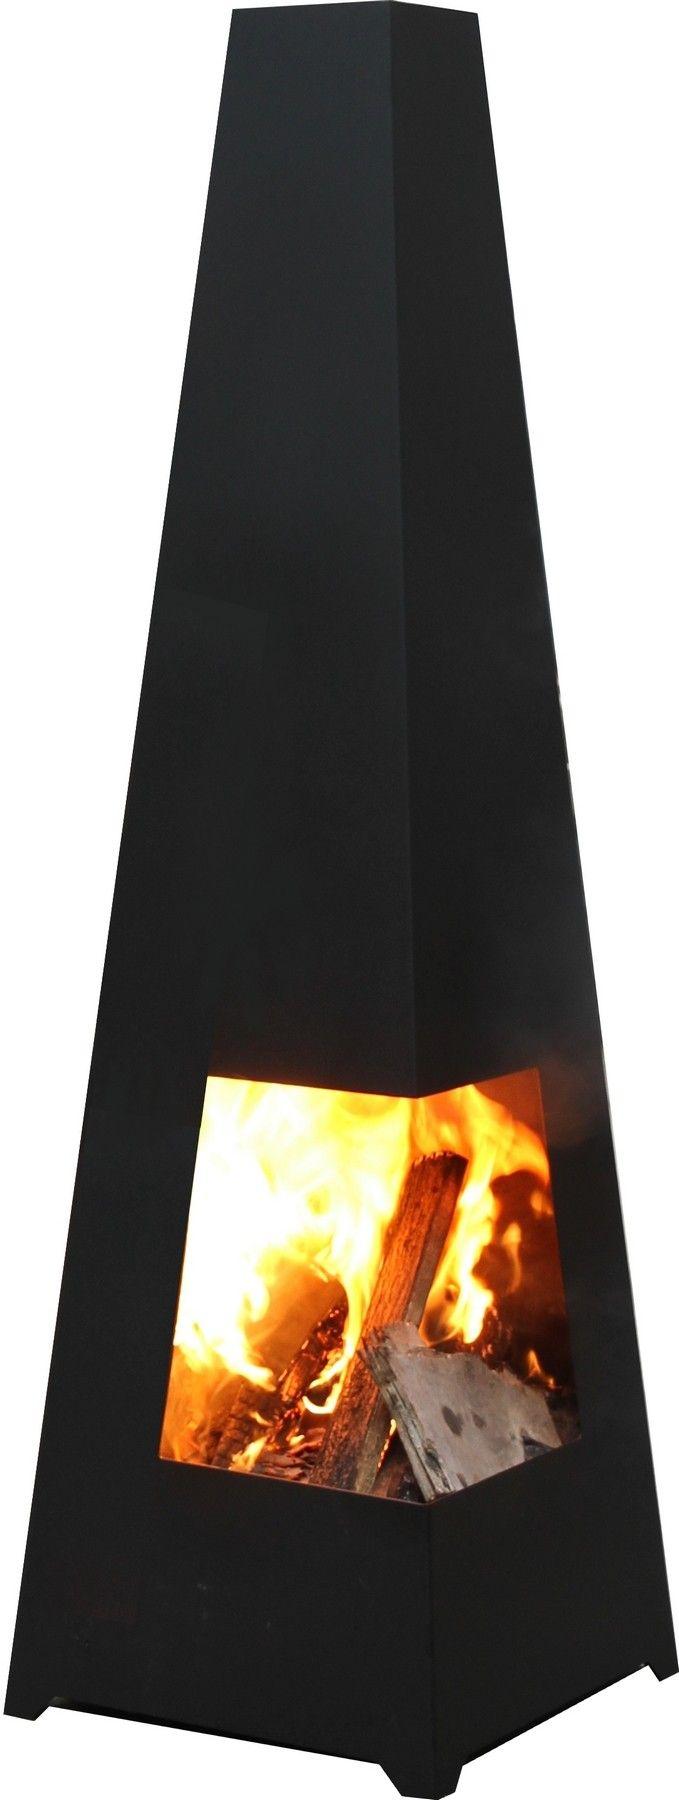 De #Terrashaard Chacana is een stijlvolle en moderne terrashaard. De Chacana heeft een vierkant model dat taps toeloopt. Hierdoor heeft de haard een goede trek. De stalen haard is door en door gelast en kan daardoor tegen een stootje. Neem met vrienden gezellig plaats rond de haard, schenk een lekker glaasje in en geniet tot laat in de avond van de bewegende vlammen!